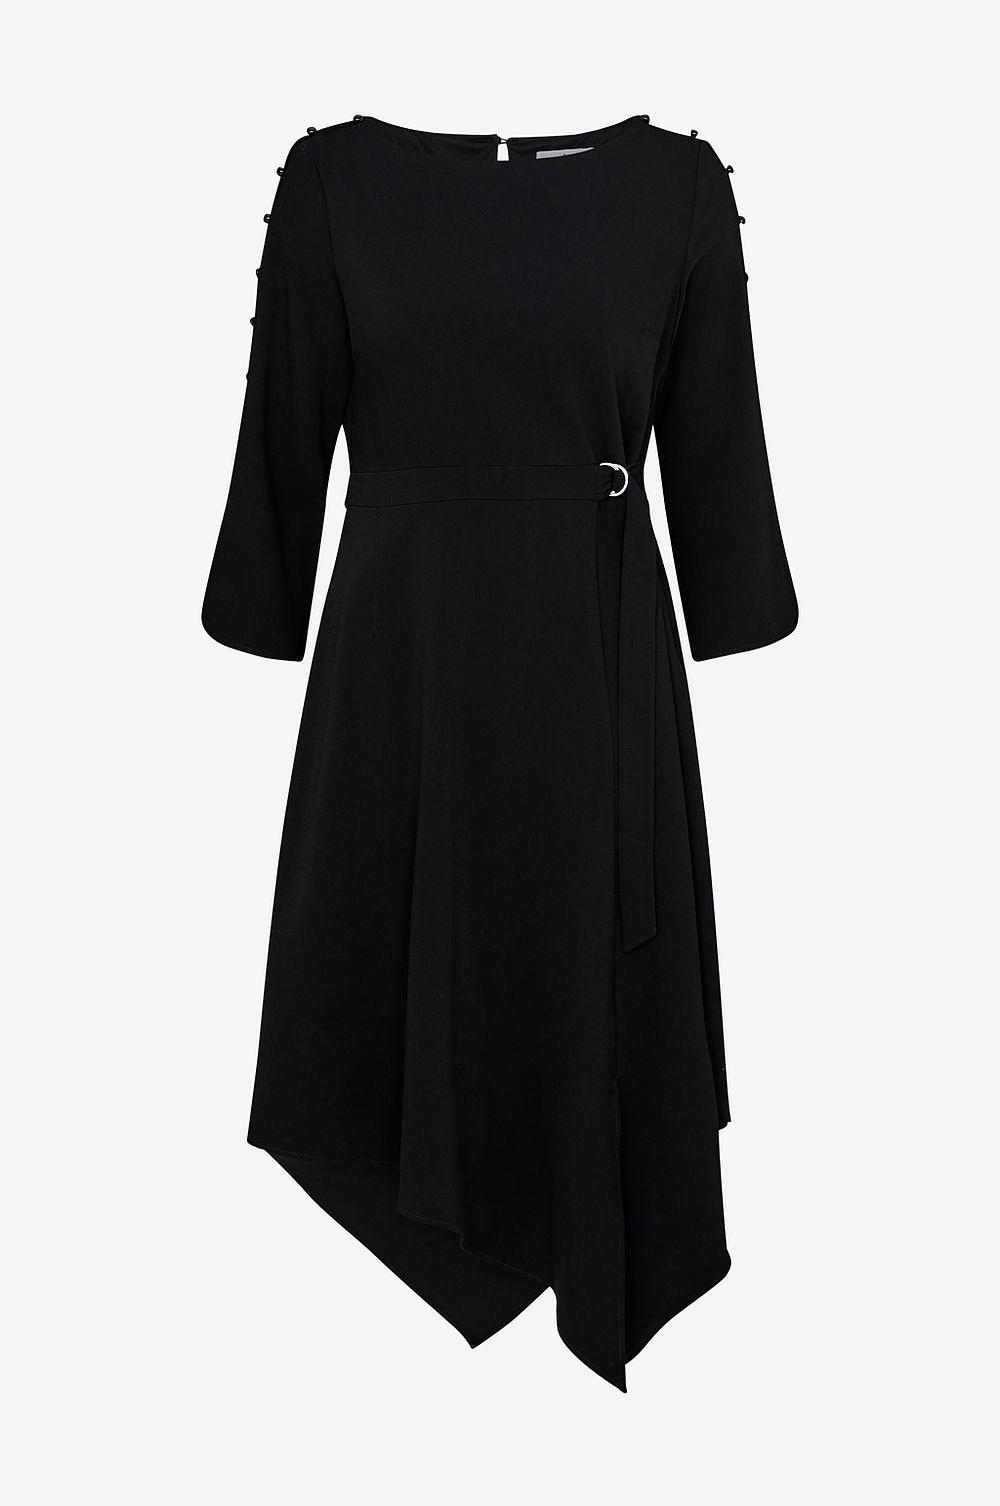 097cf1404fec 8 svarta snygga klänningar till jul och nyår 2018